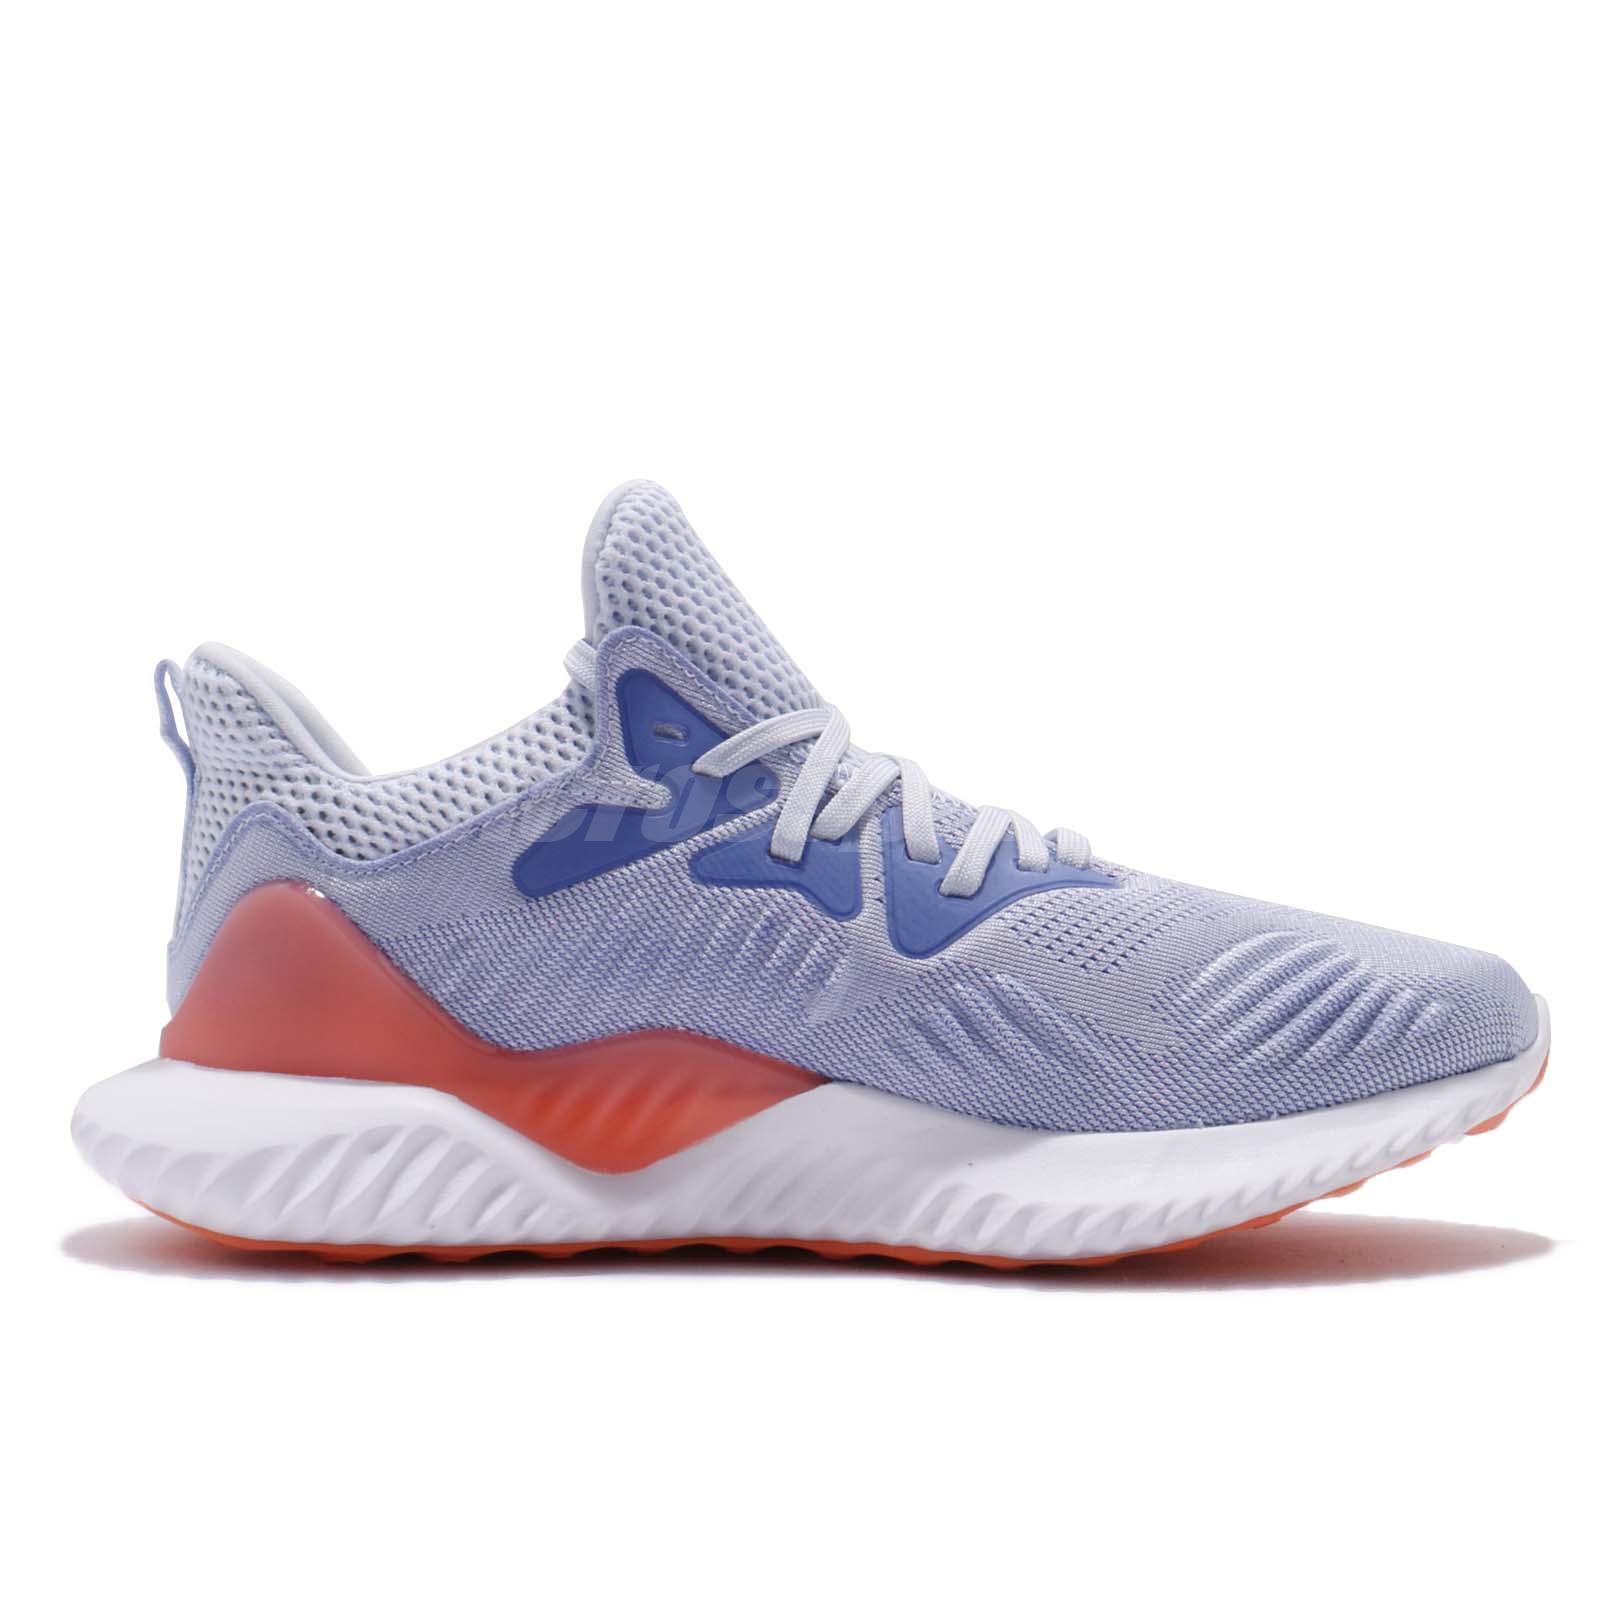 dce492d758867 adidas AlphaBOUNCE Beyond J Aero Blue Pink Kids Junior Running Shoes ...